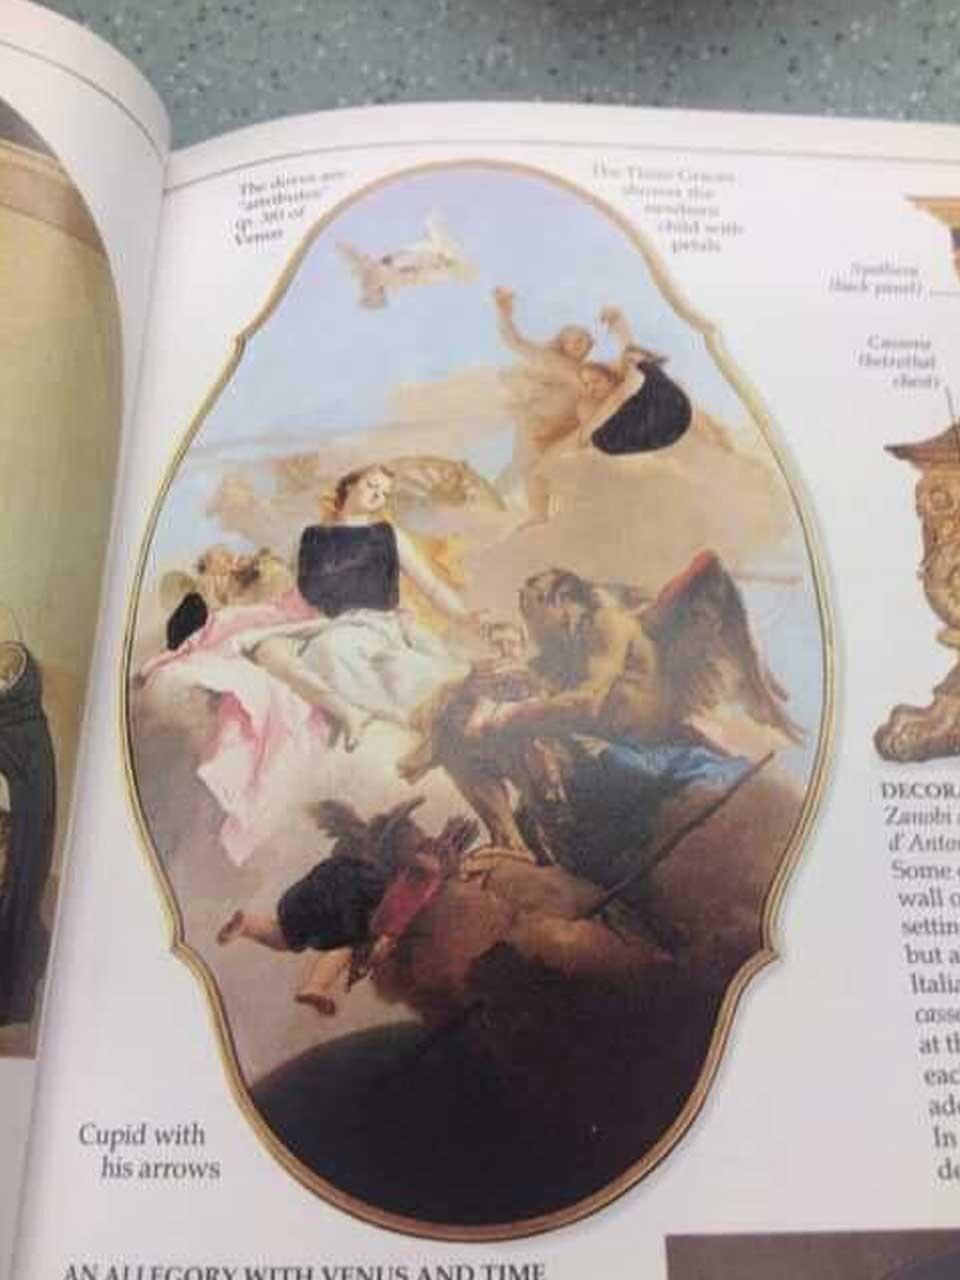 So absurd wurde ein Kunstbuch in einer christlichen Schule zensiert looking-at-paintings-christliche-zensur_06